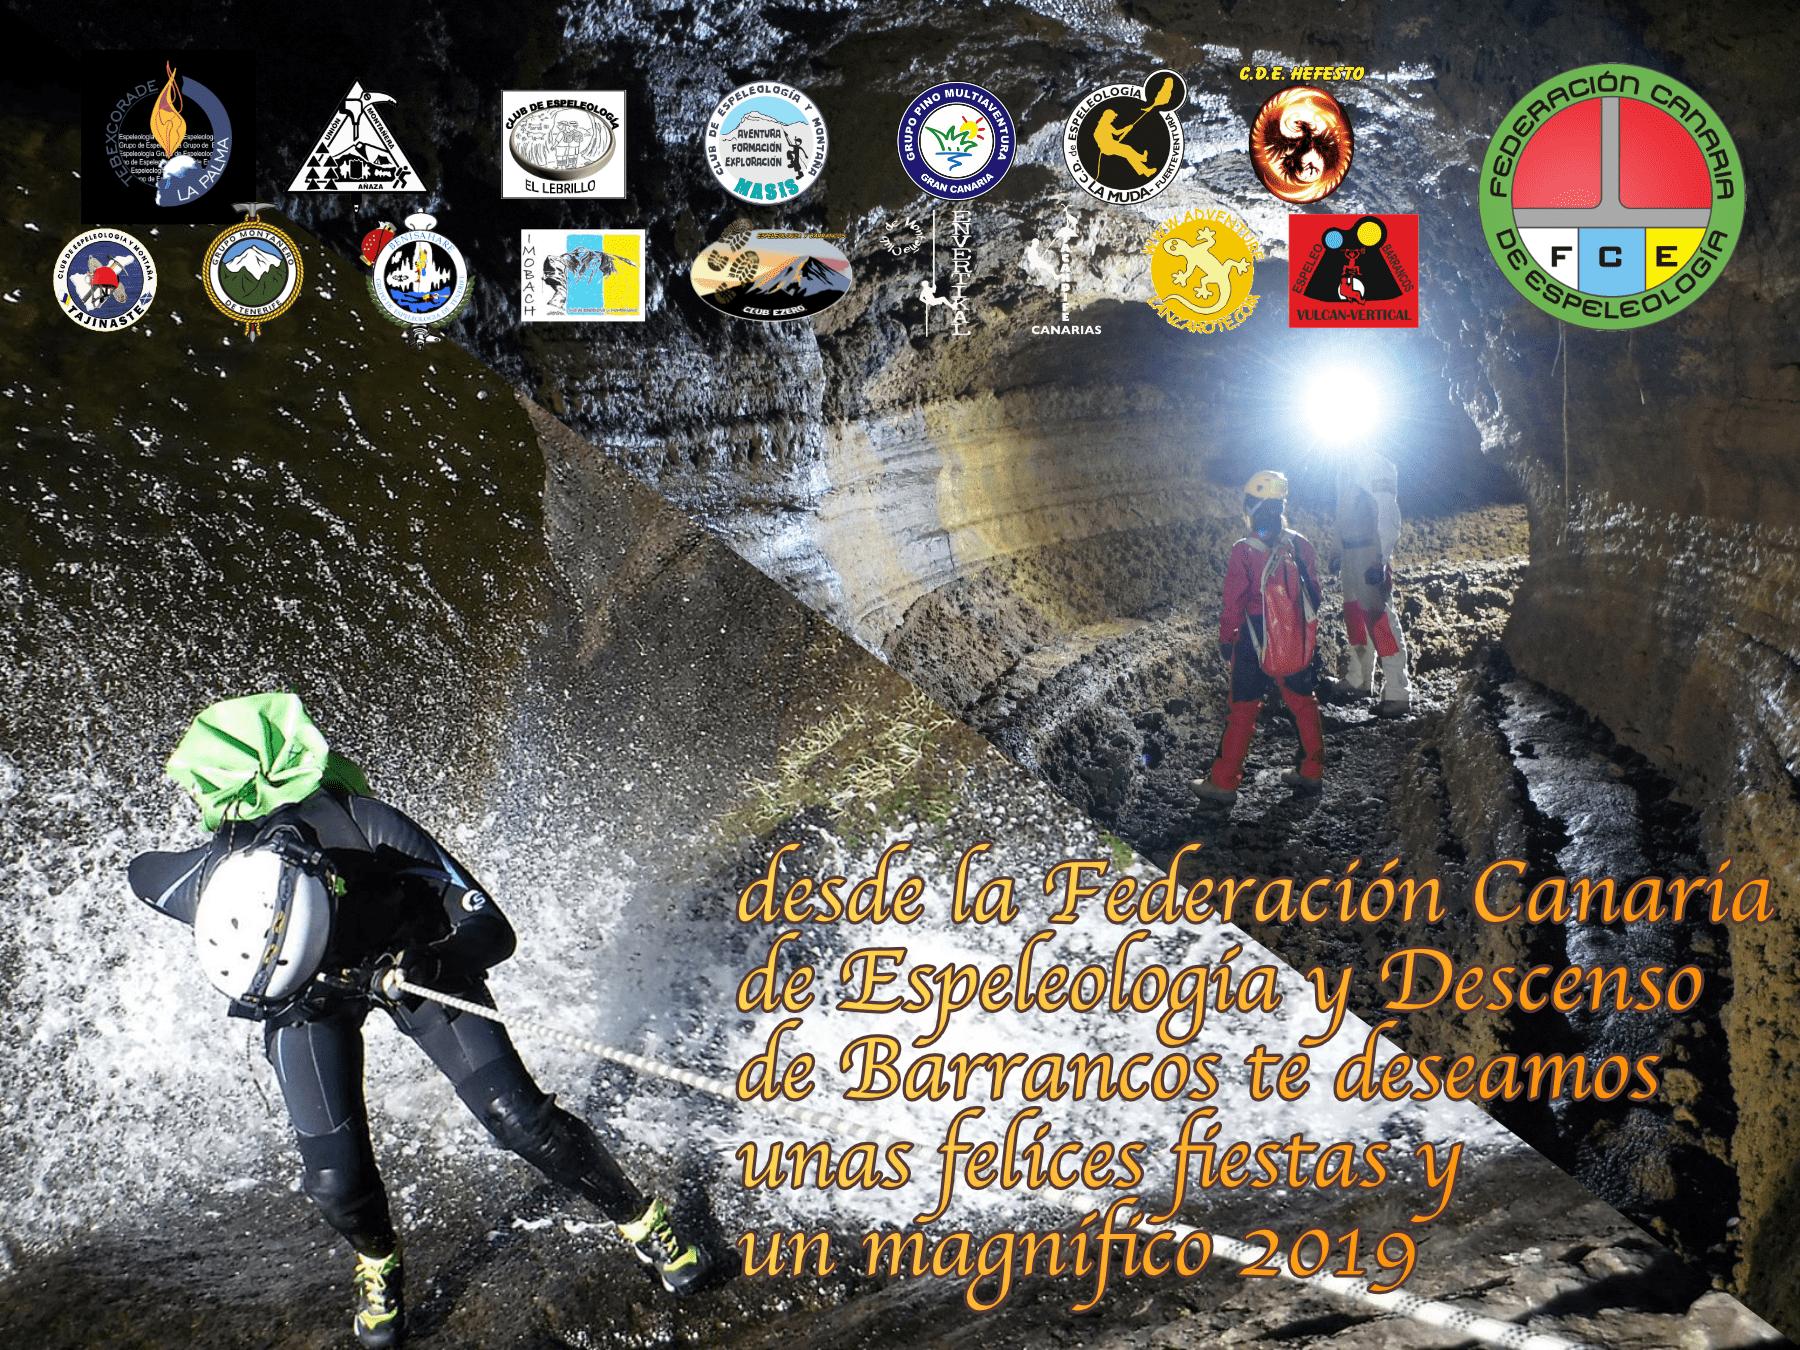 Importe Licencias Federación Canaria de Espeleología 2017